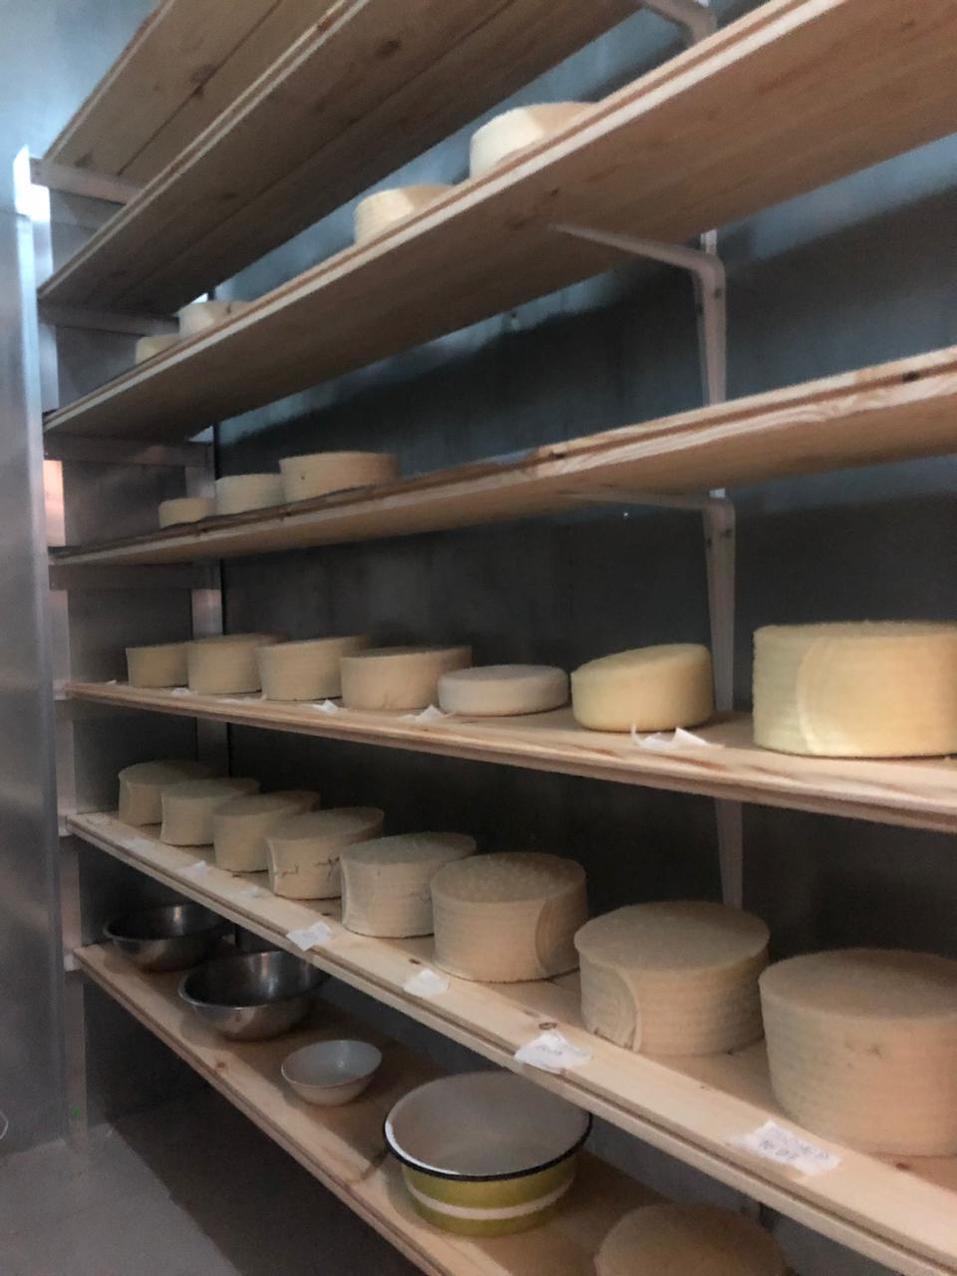 Уральский юрист запустила производство овечьего сыра 1